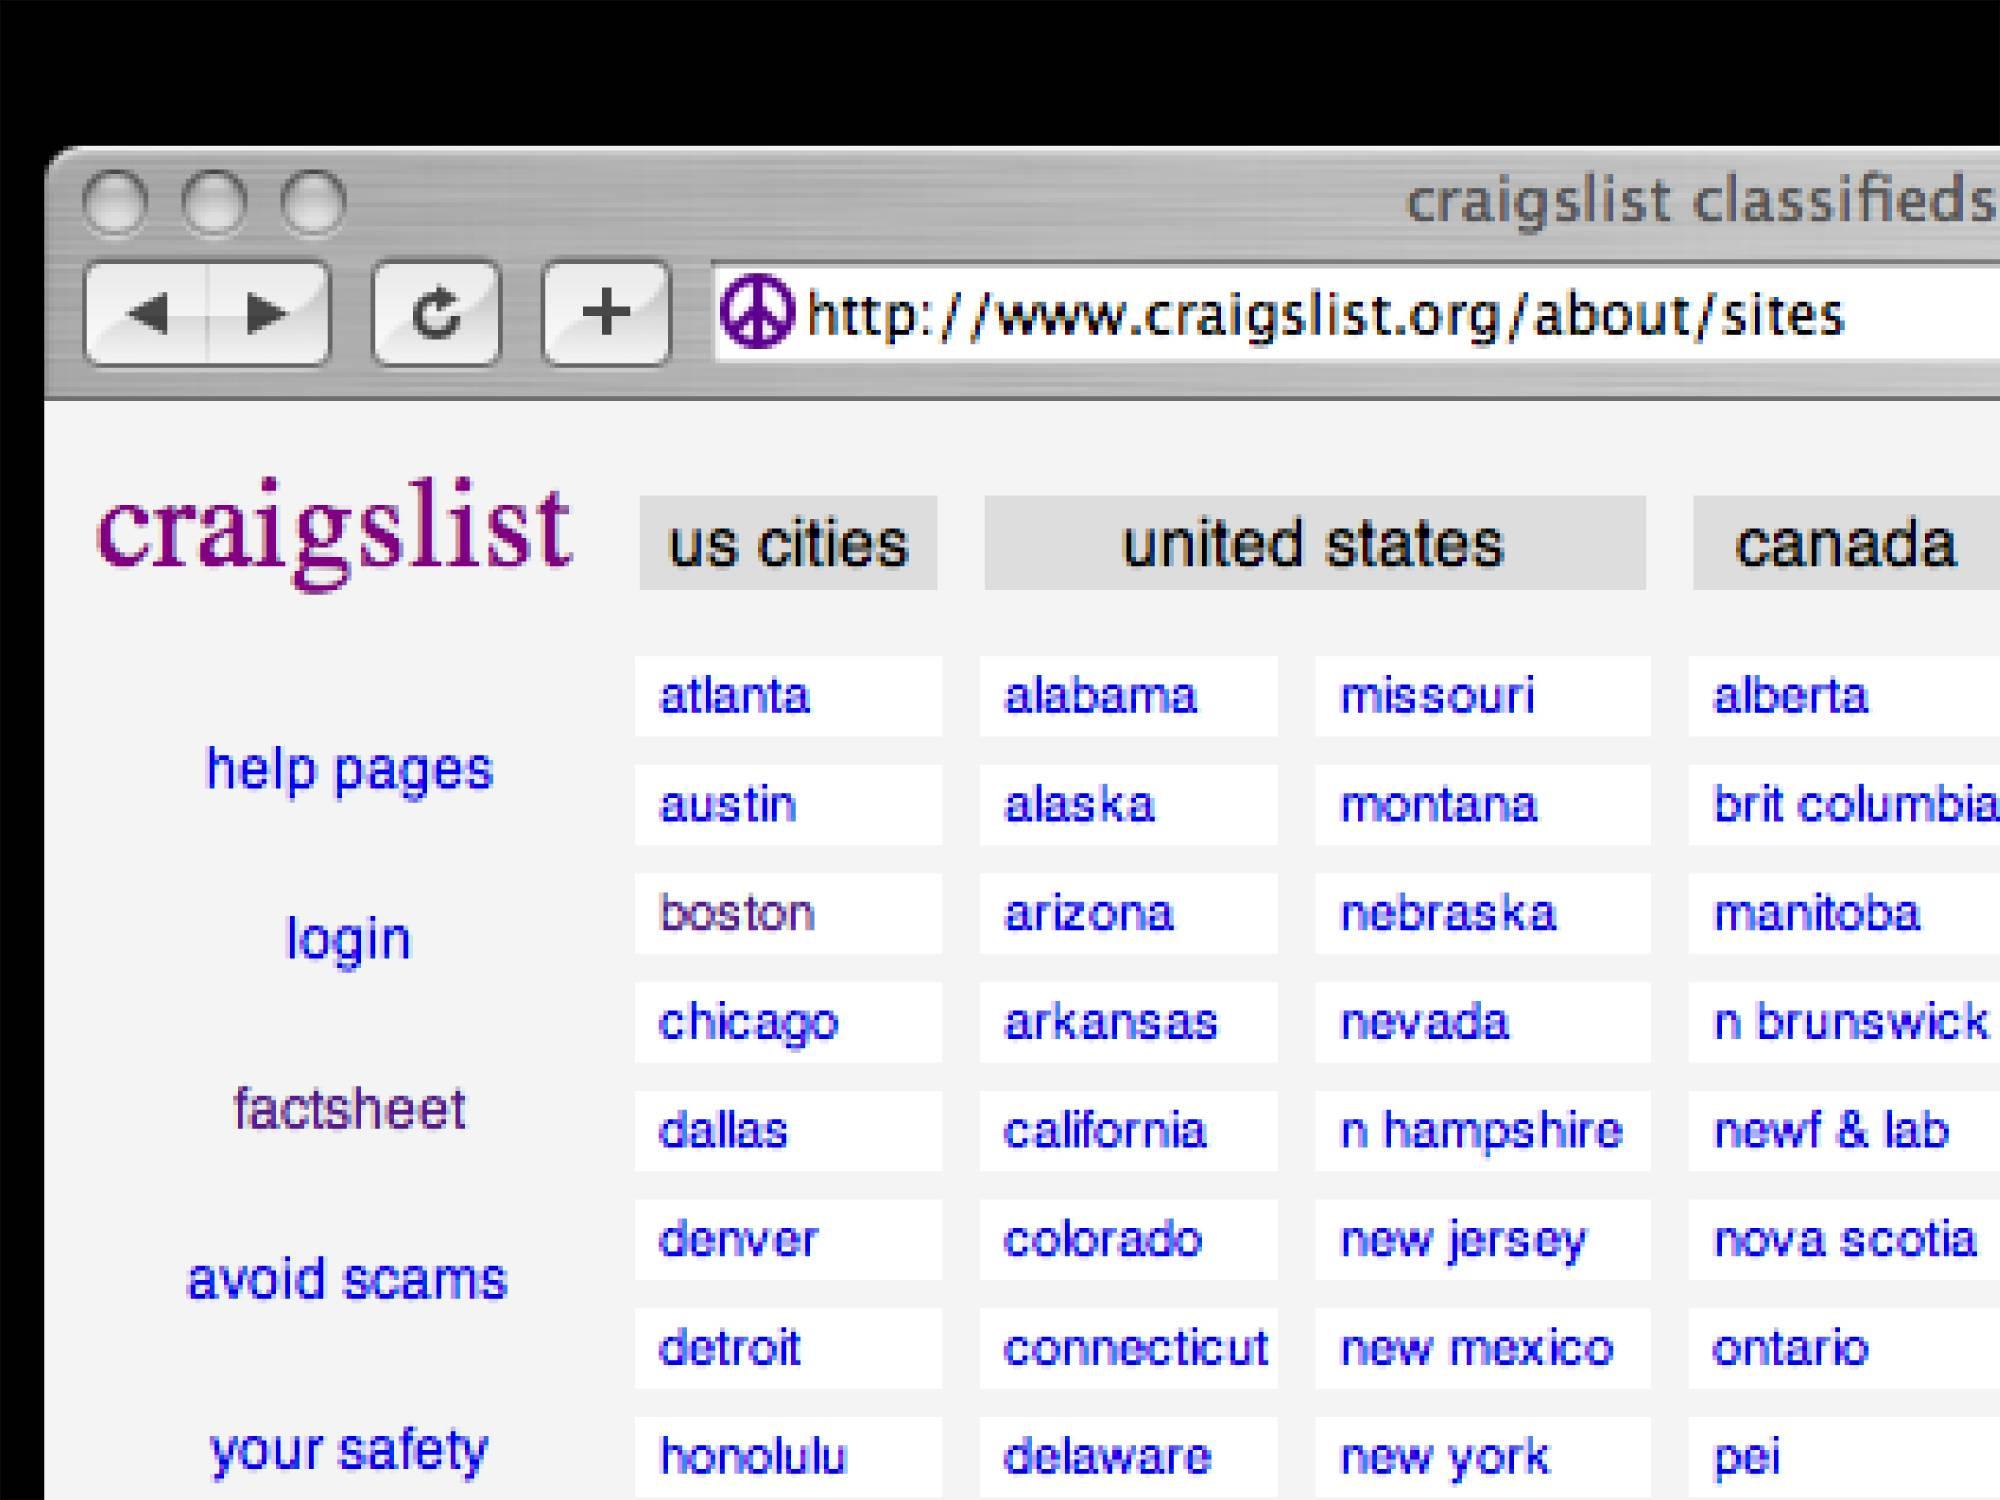 Craigslist: best-of-craigslist